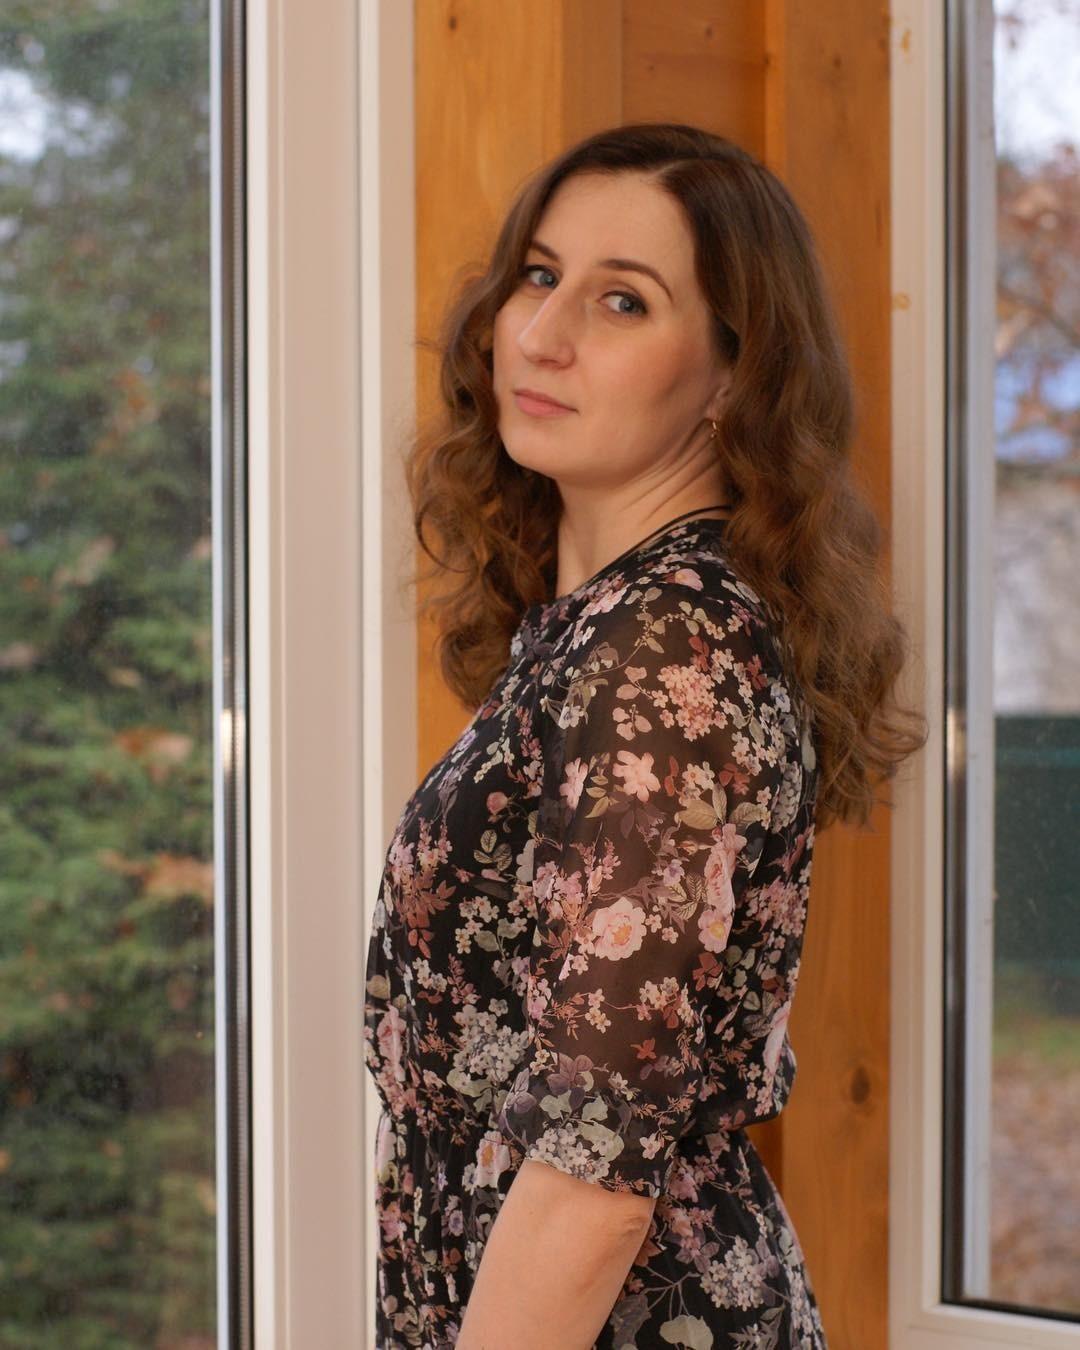 Татьяна Ефремова—предприниматель иинвестор, а также владелица блога офинансах (Instagram: @tatyana_rich_efremova)